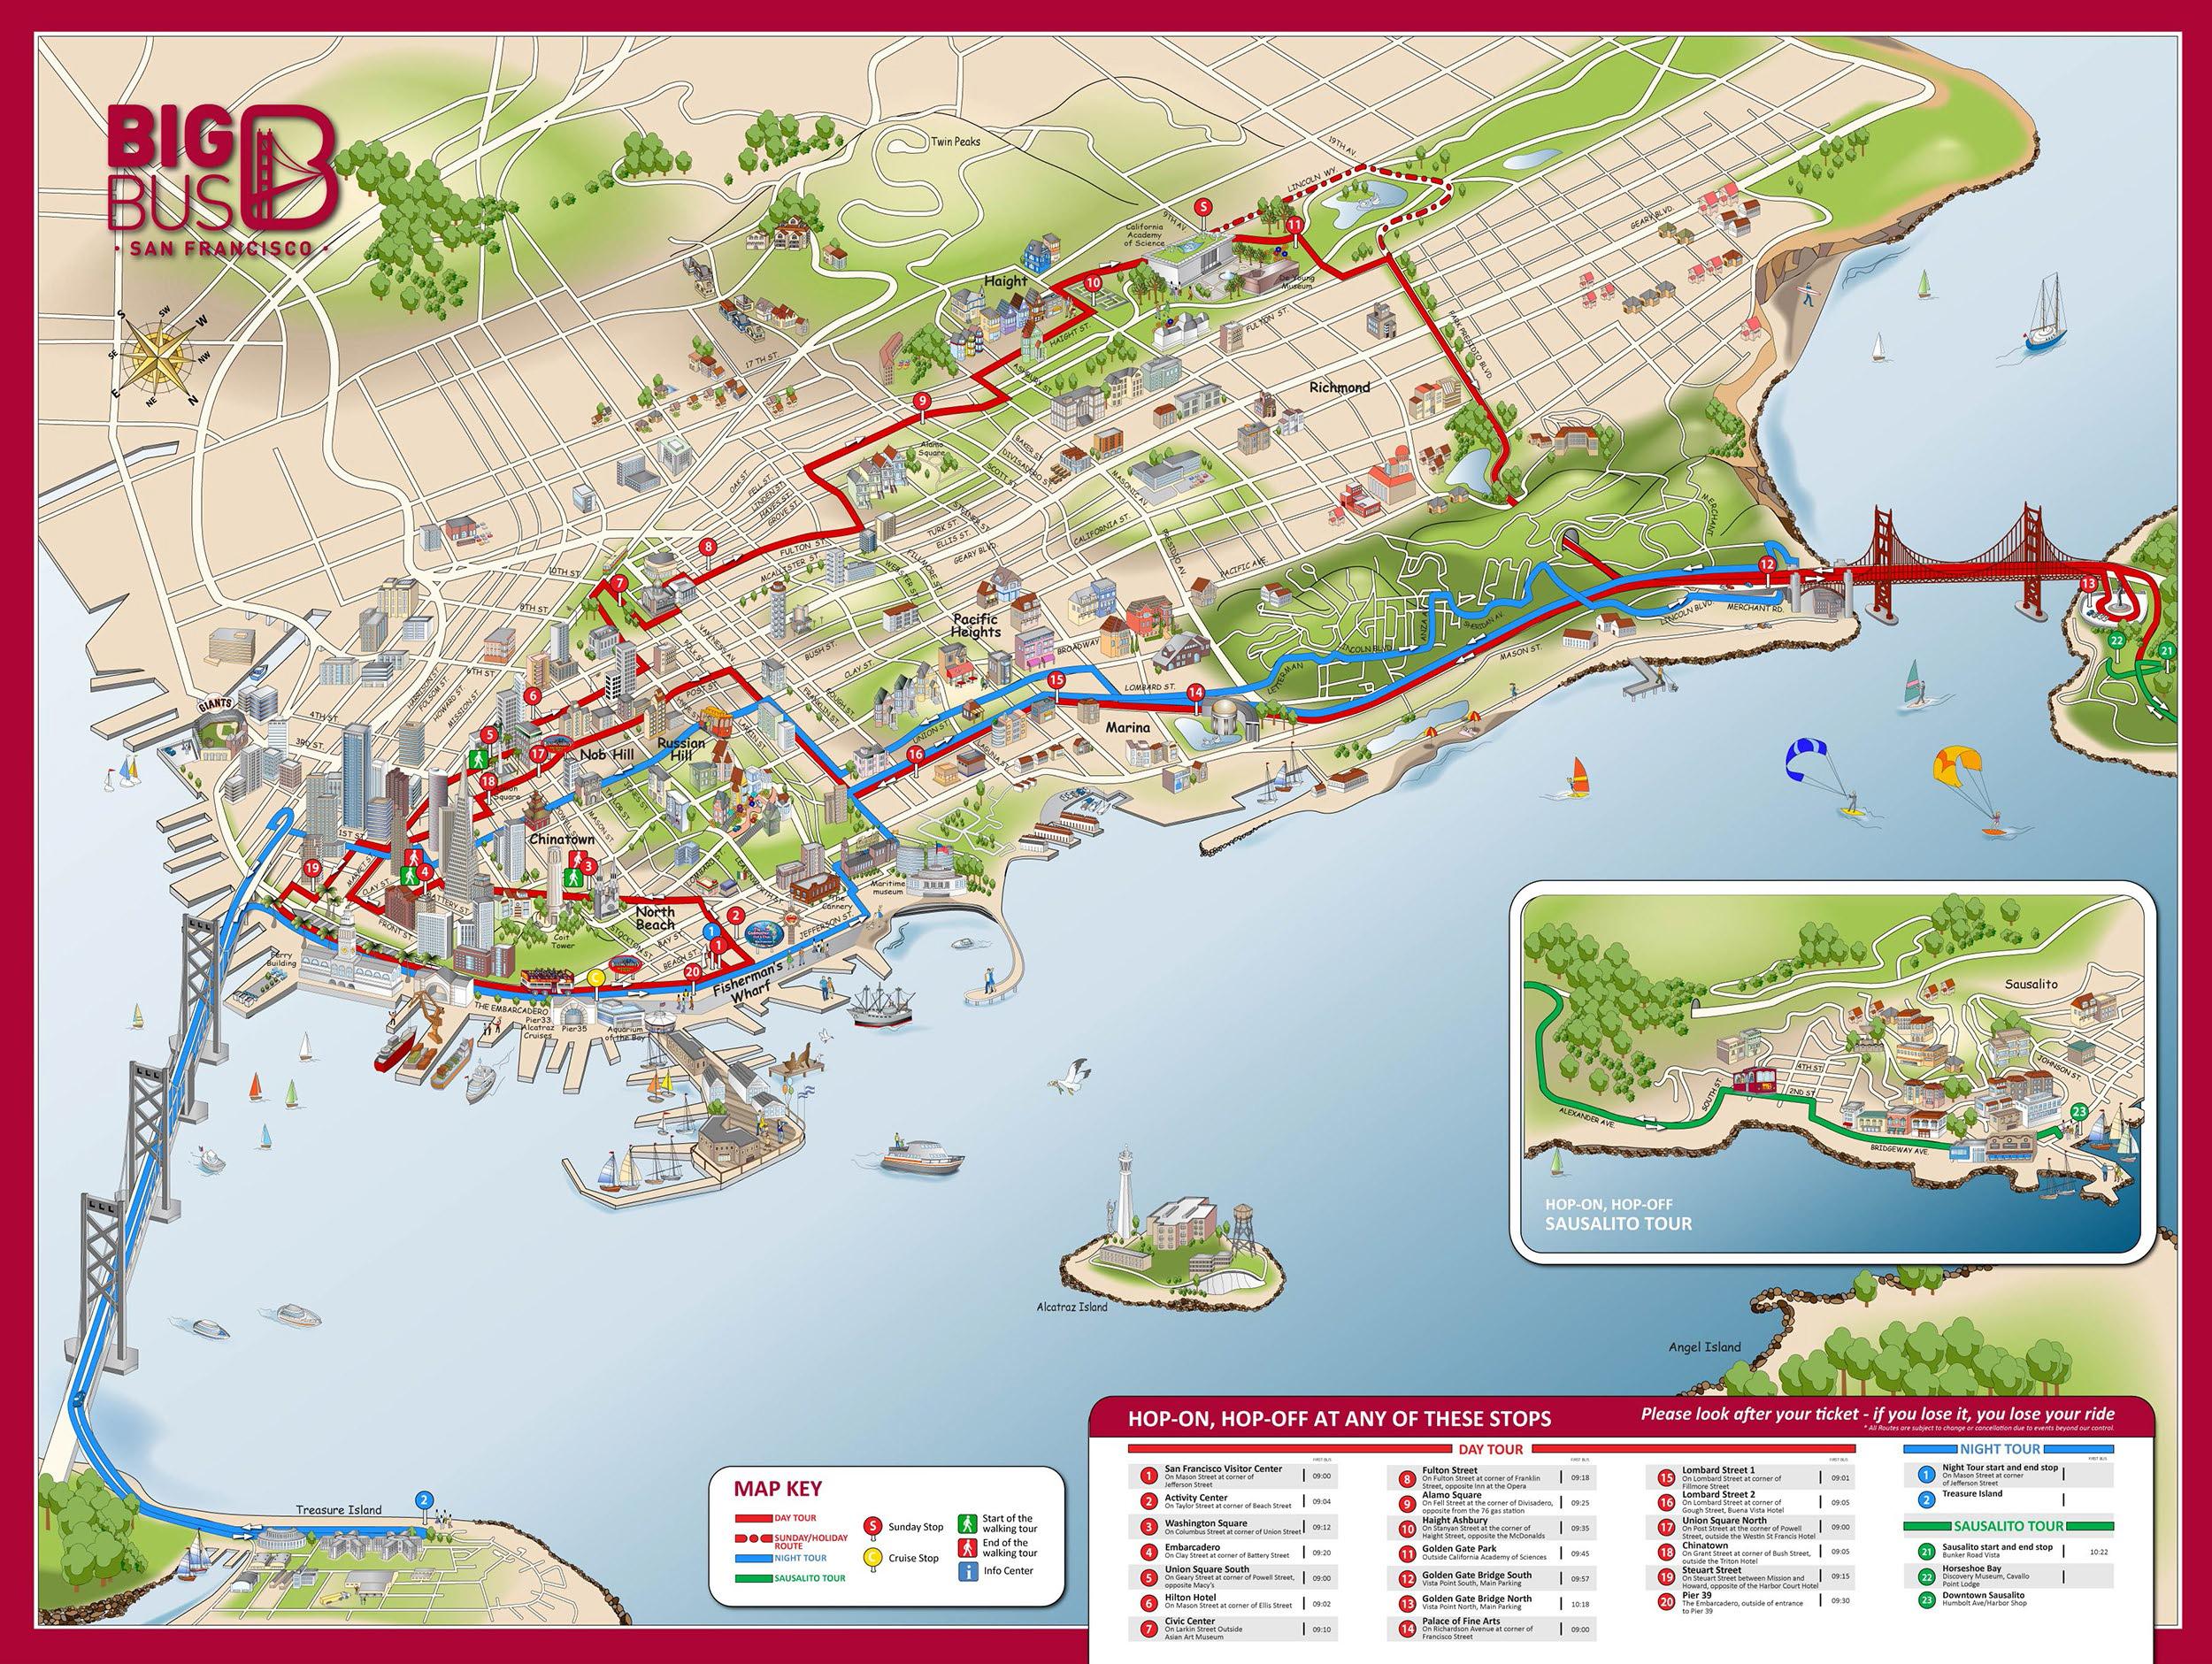 Big bus map / Sport coats canada